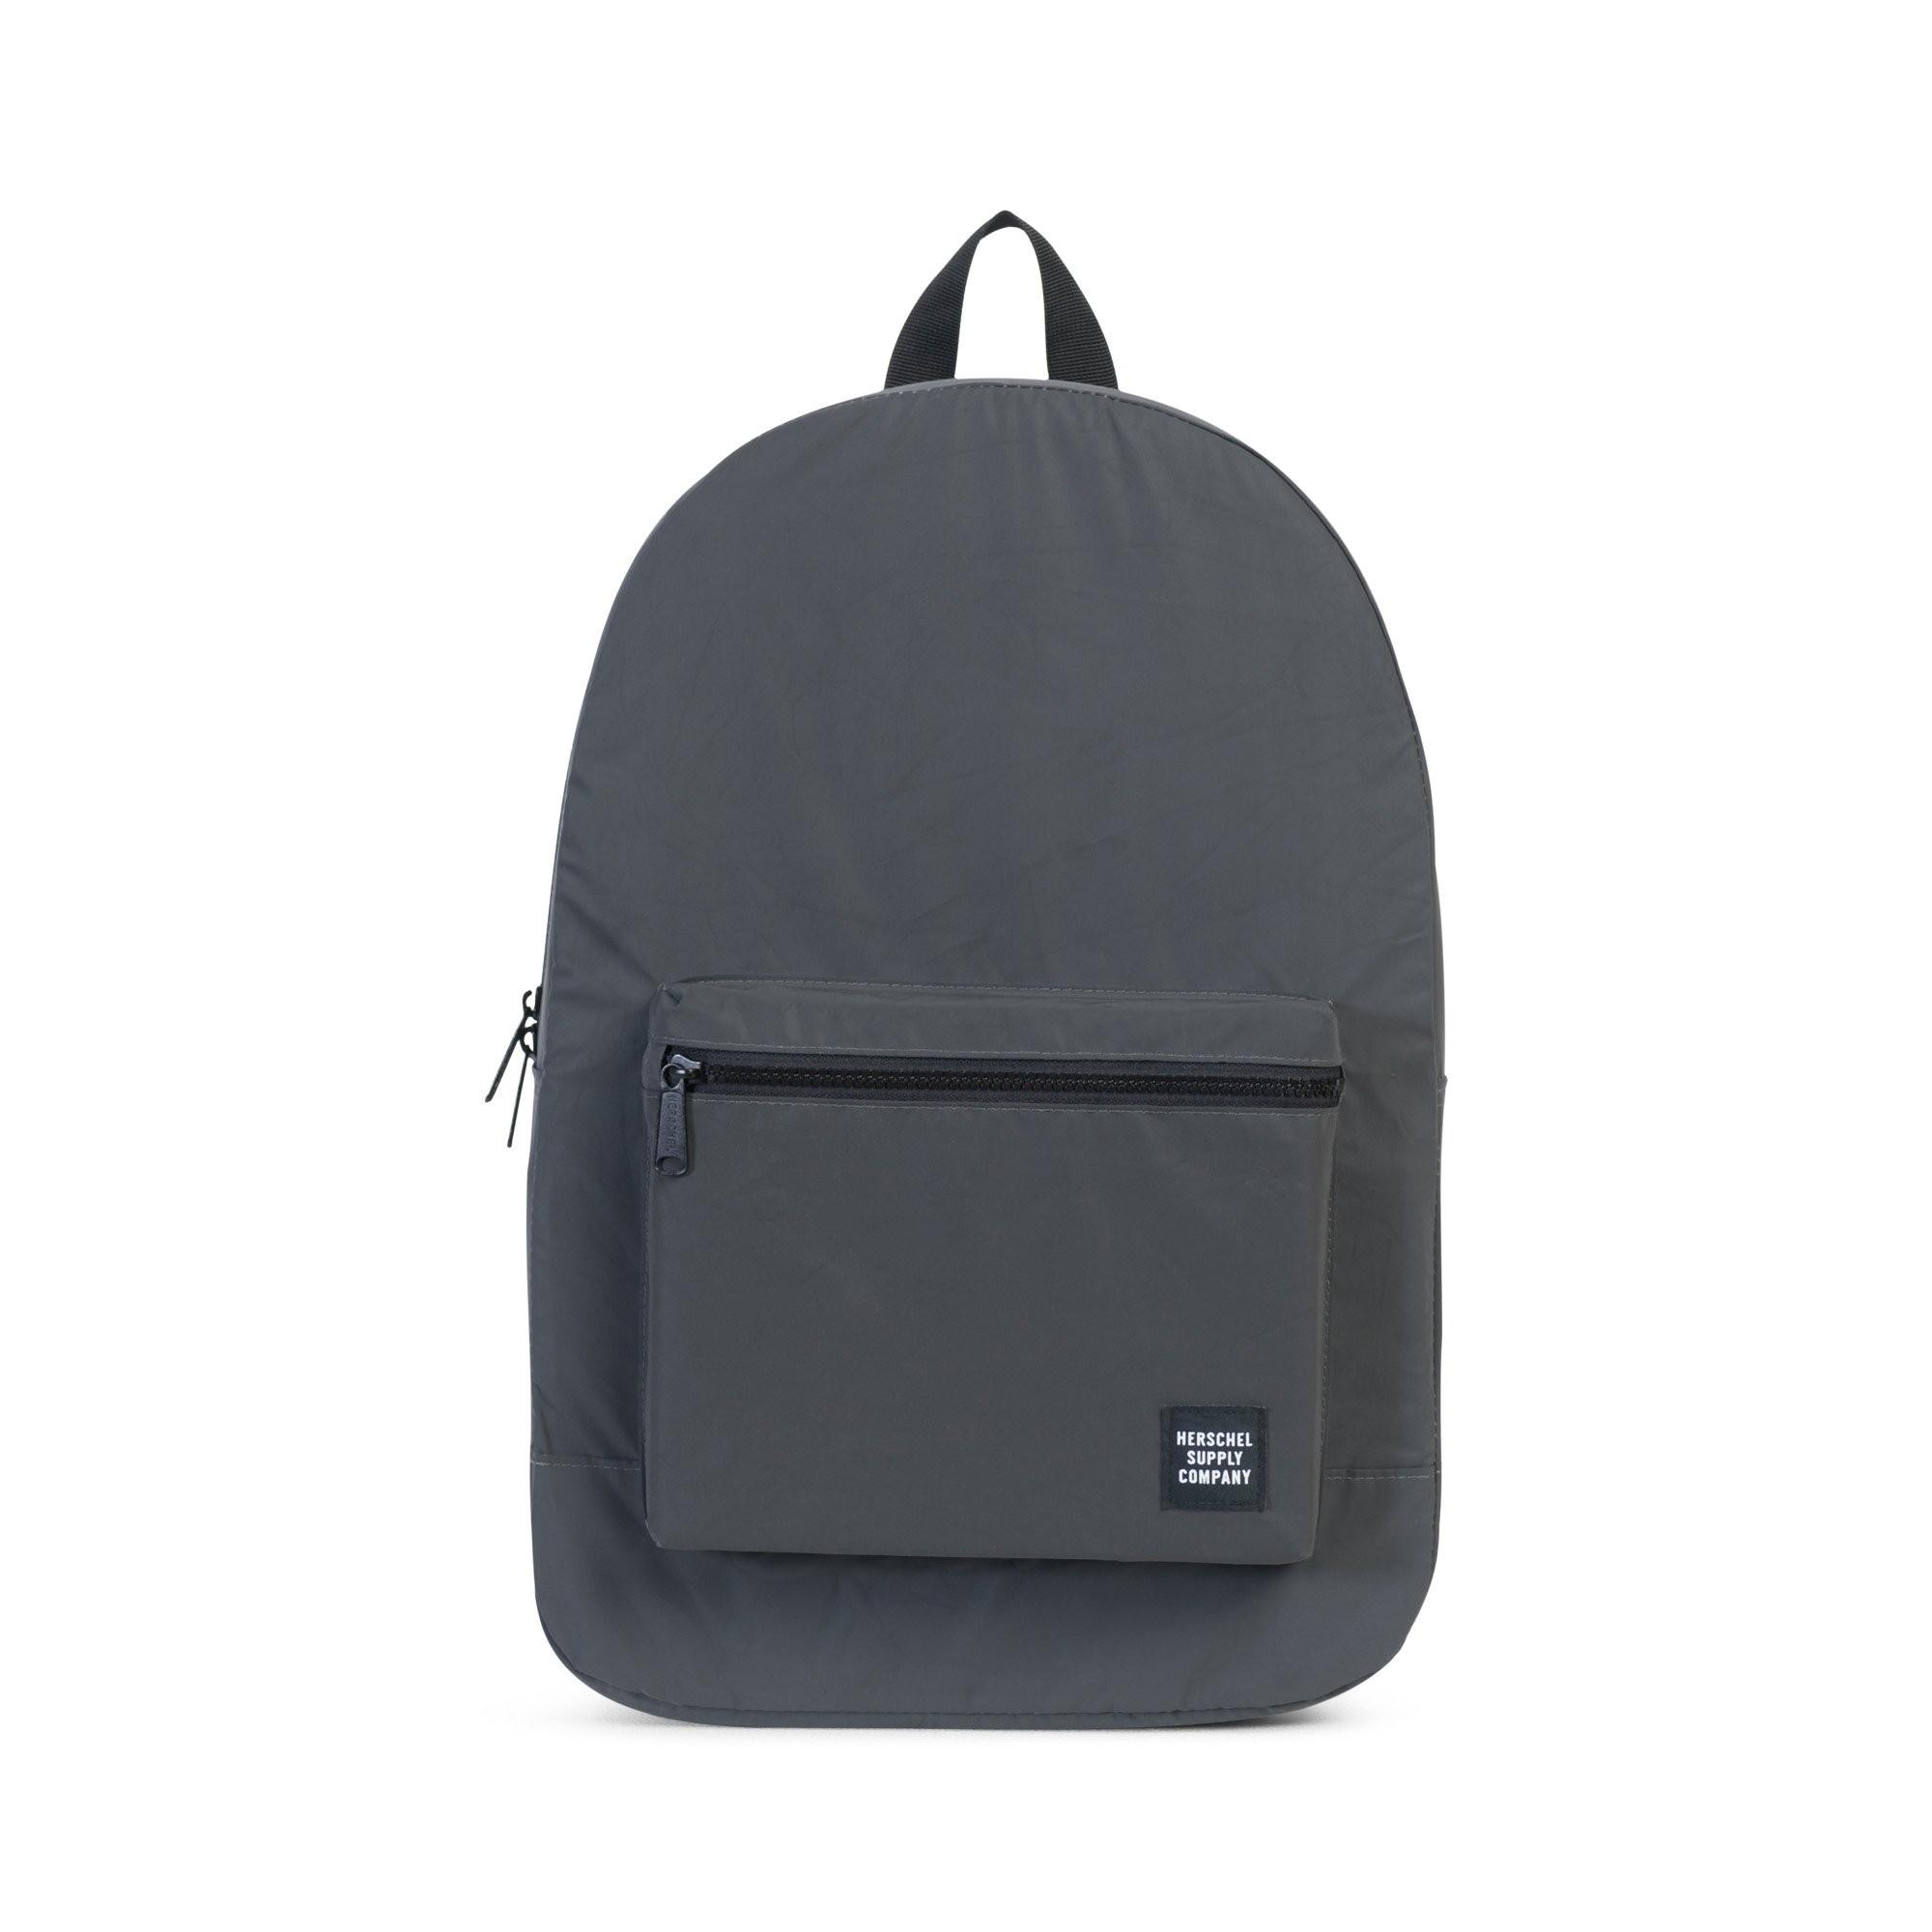 Černý reflexní batoh - Packable Daypack